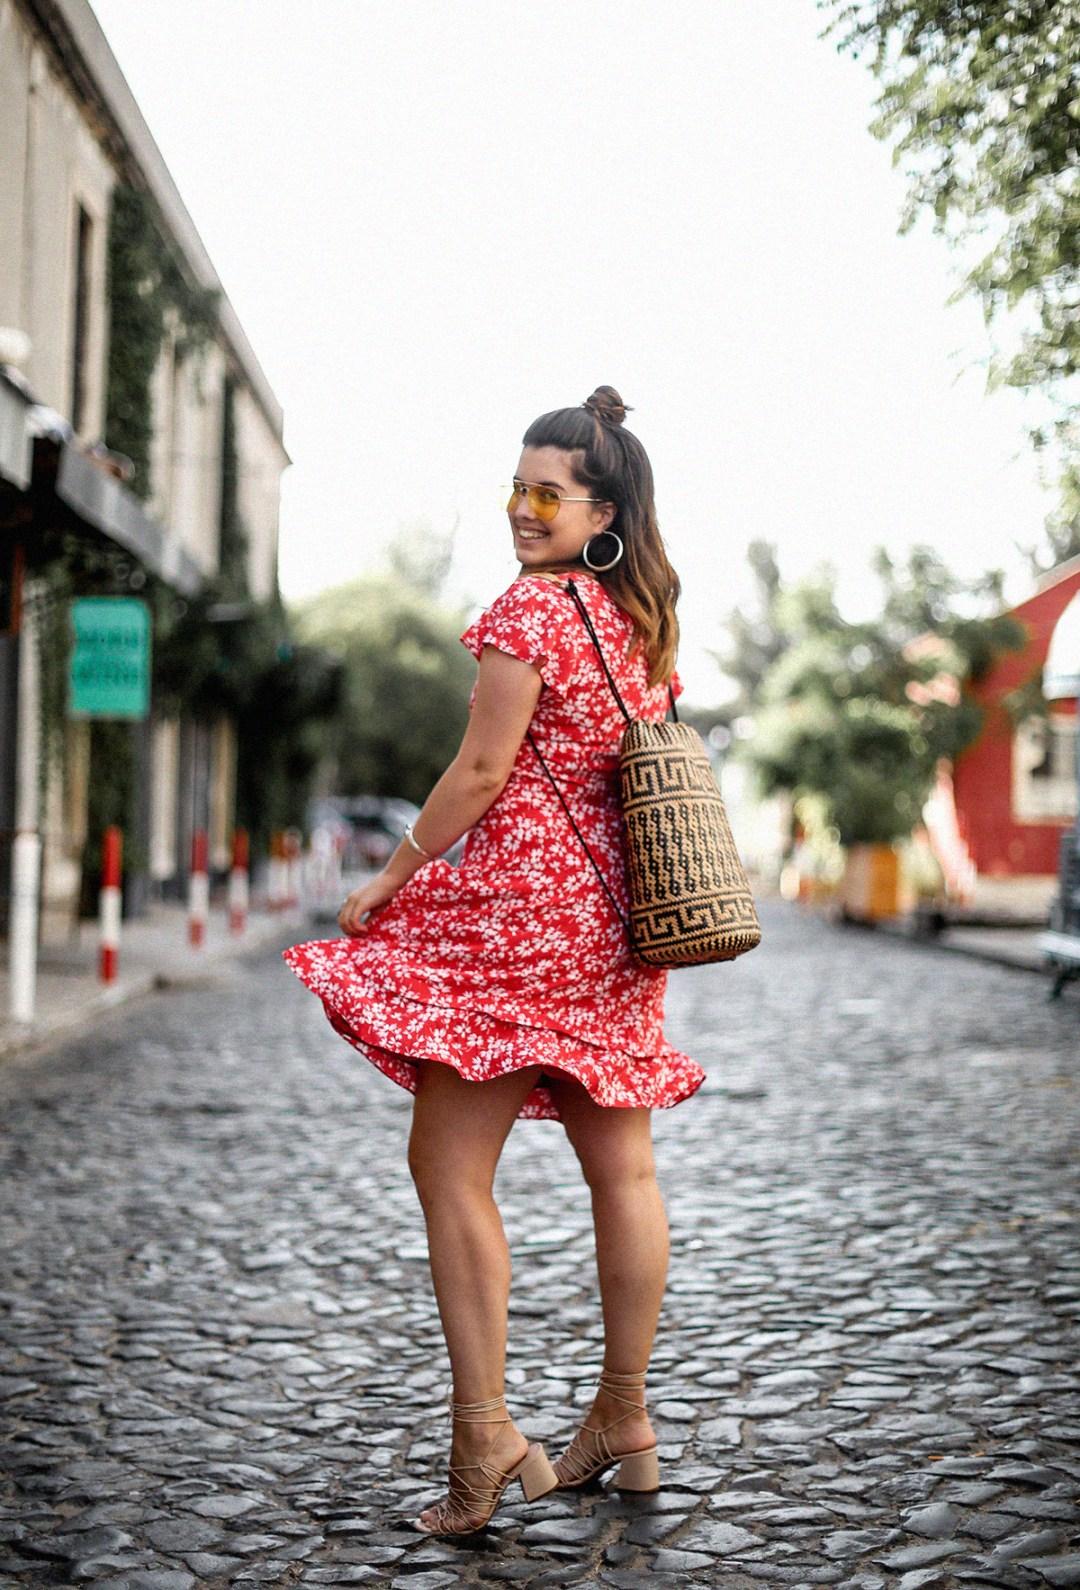 vestido-rojo-volantes-sandalias-lazos-mochila-ratan-travel-lx-factory-lisbon2